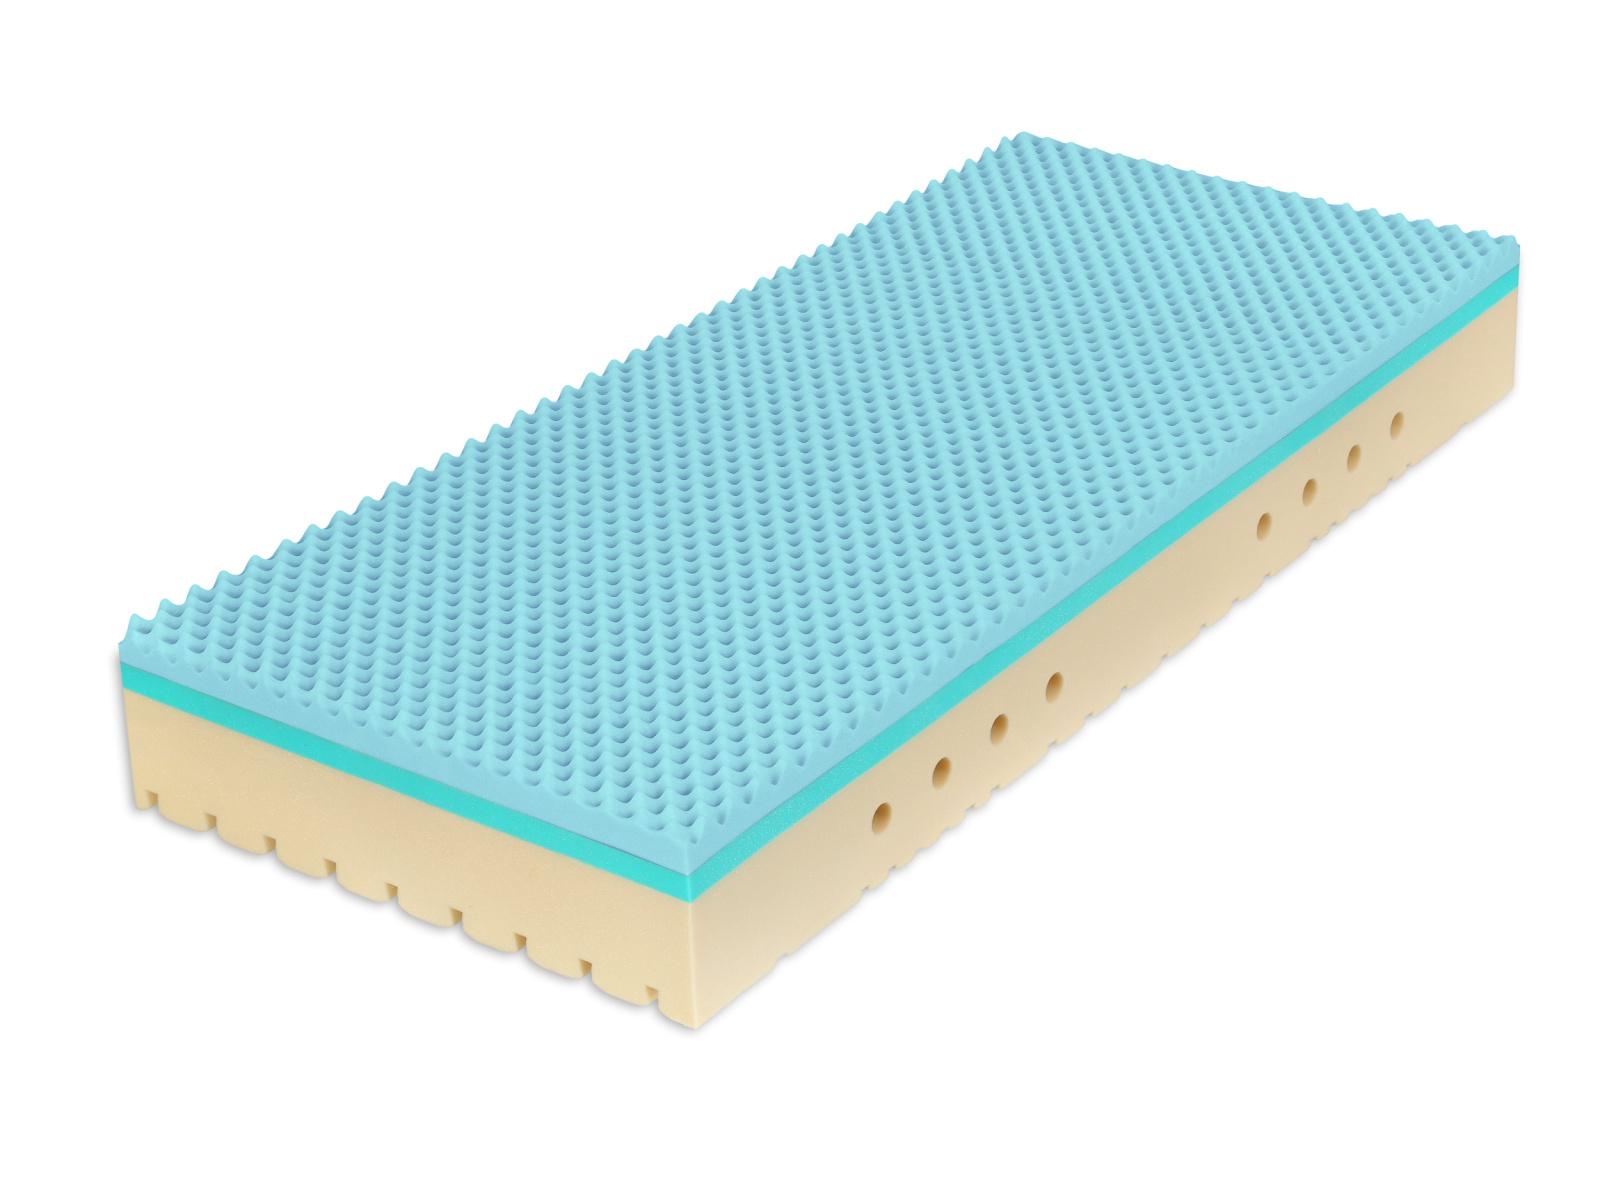 Matrace SUPER FOX BLUE Wellness 80x200x18 cm, 1+1 ZDARMA